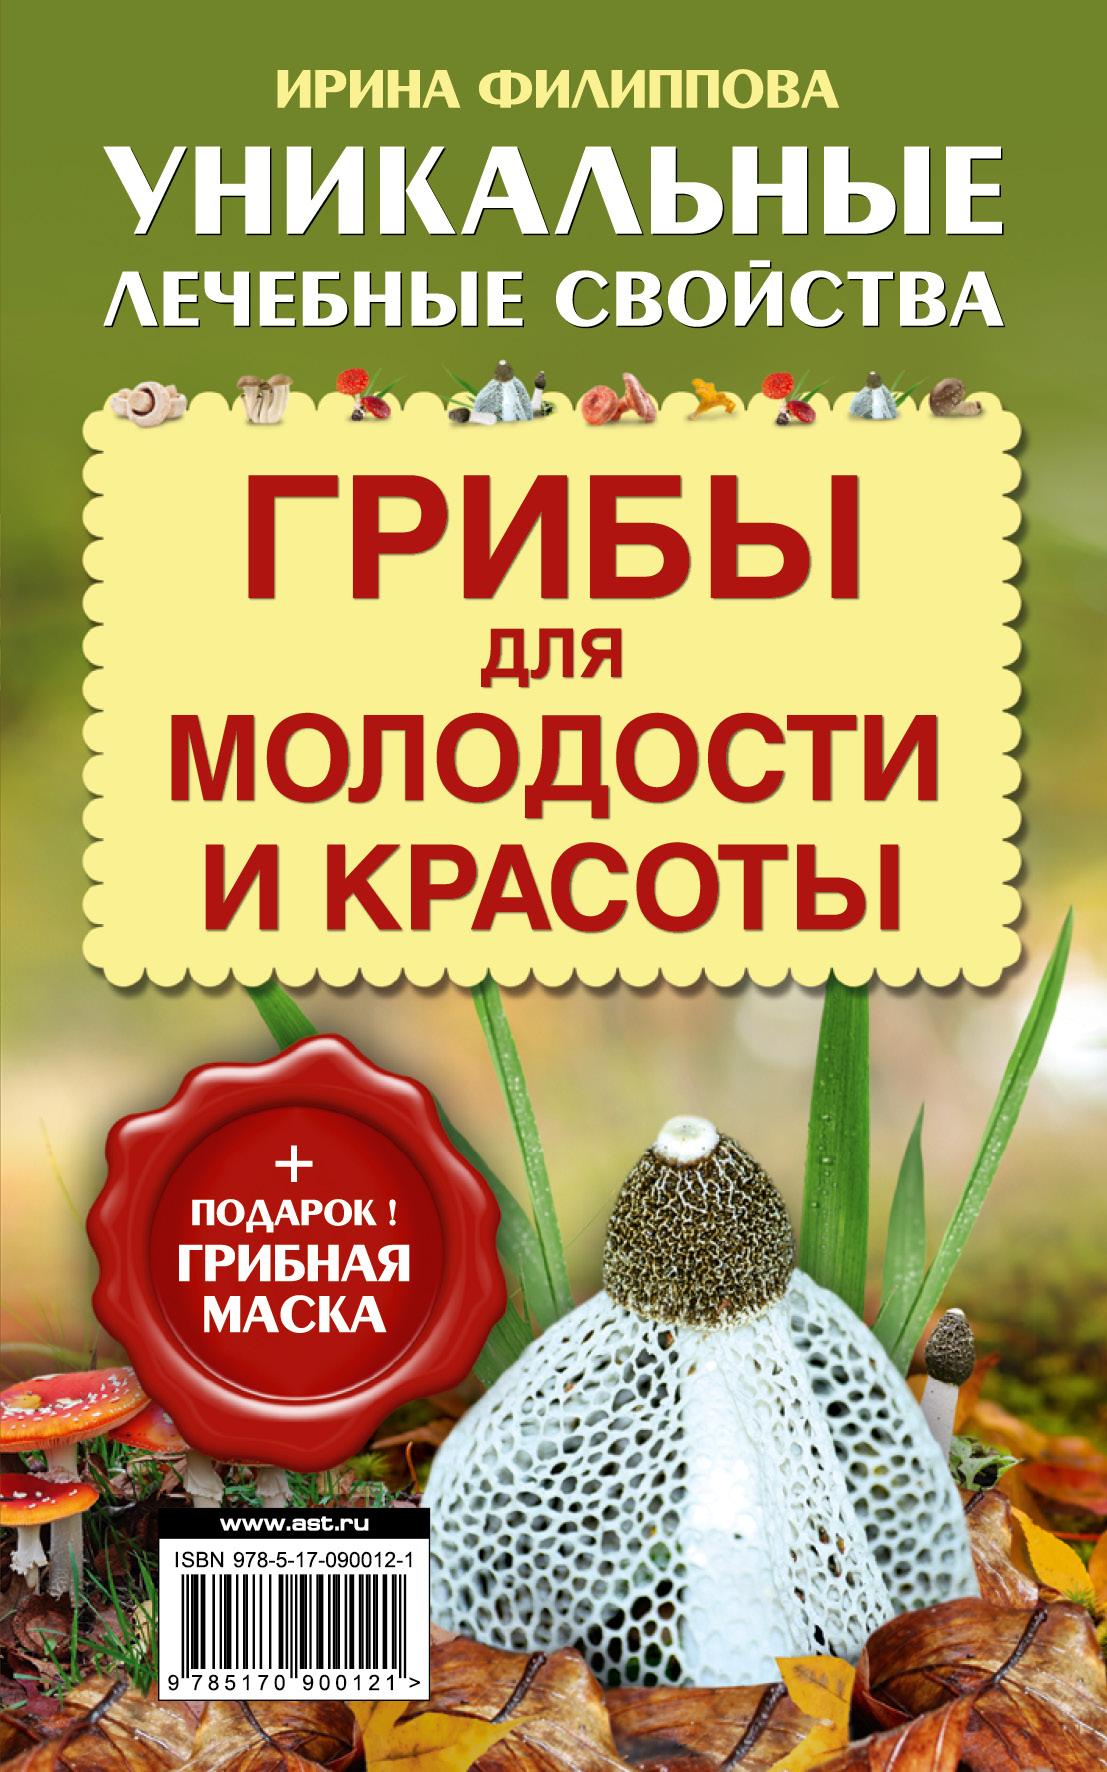 Филиппова И.А. Грибы для молодости и красоты + подарок! Грибная маска